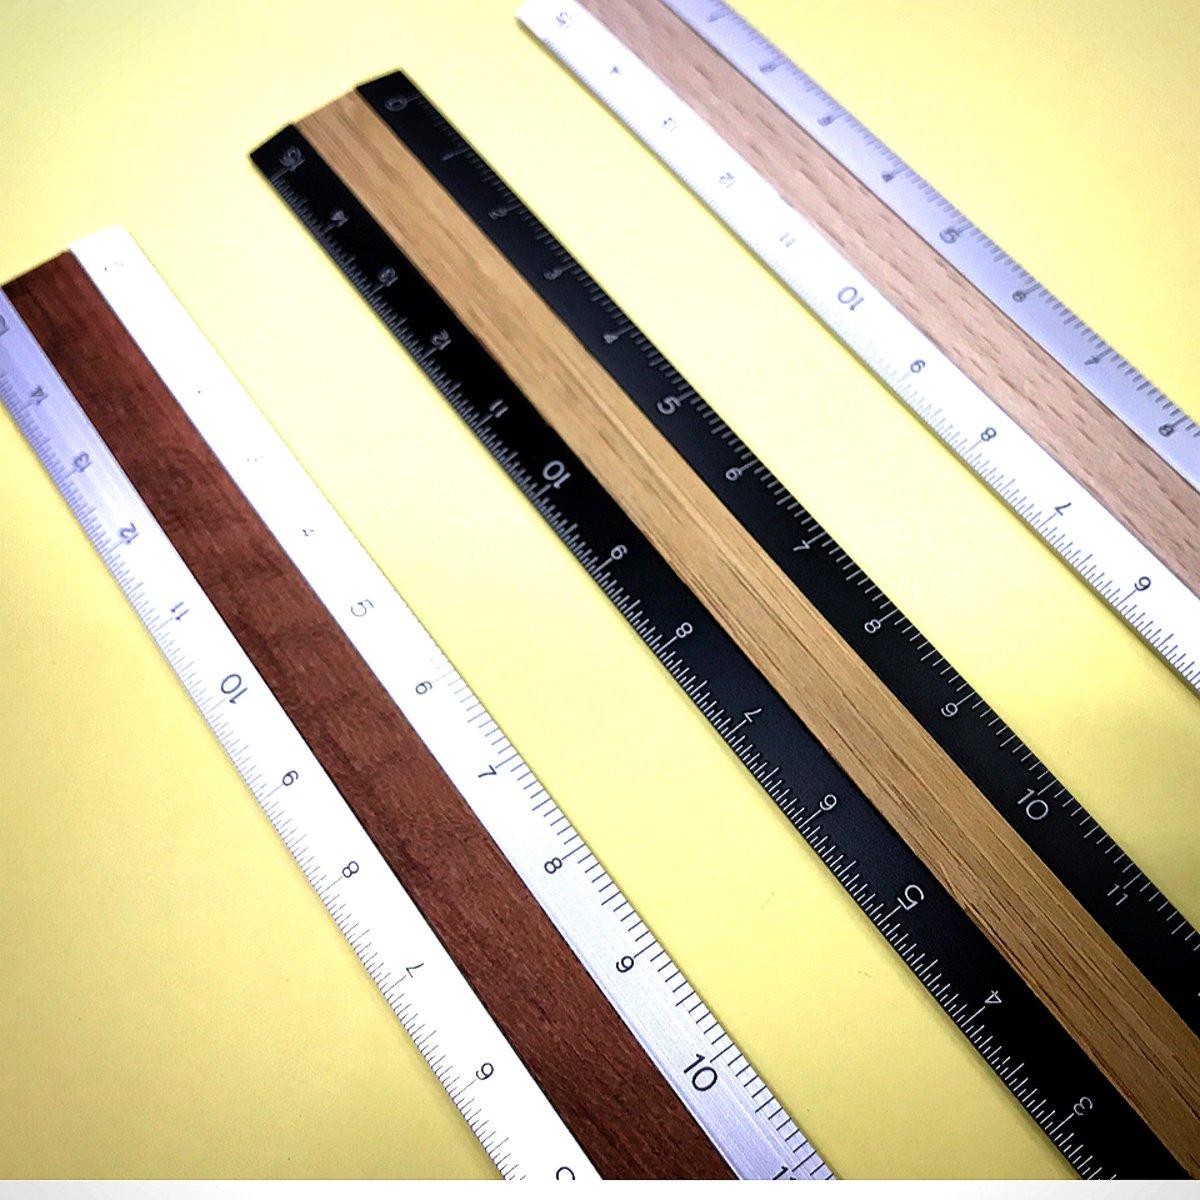 アルミ&ウッド 定規〈15cm〉 うす茶、濃茶、黒。どれもかっこいい('ω')ノ見に来てね! #デザインフィル #ミドリカンパニー #アルミ定規  #シンプル #裾野市 ...